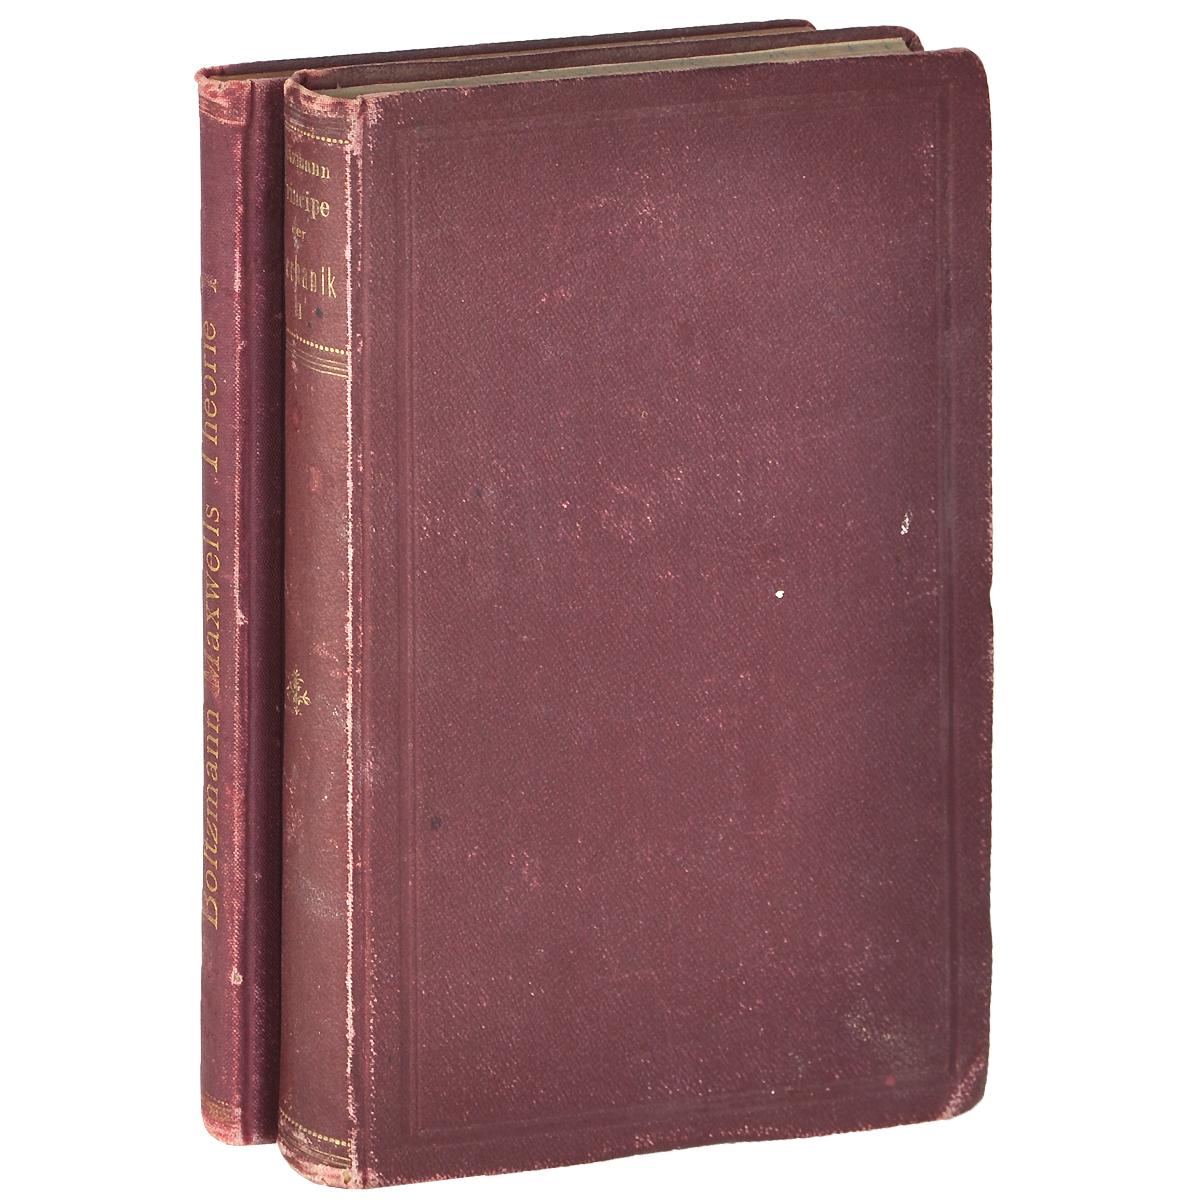 Vorlesungen (комплект из 2 книг)ПК301004_лимонный, салатовый